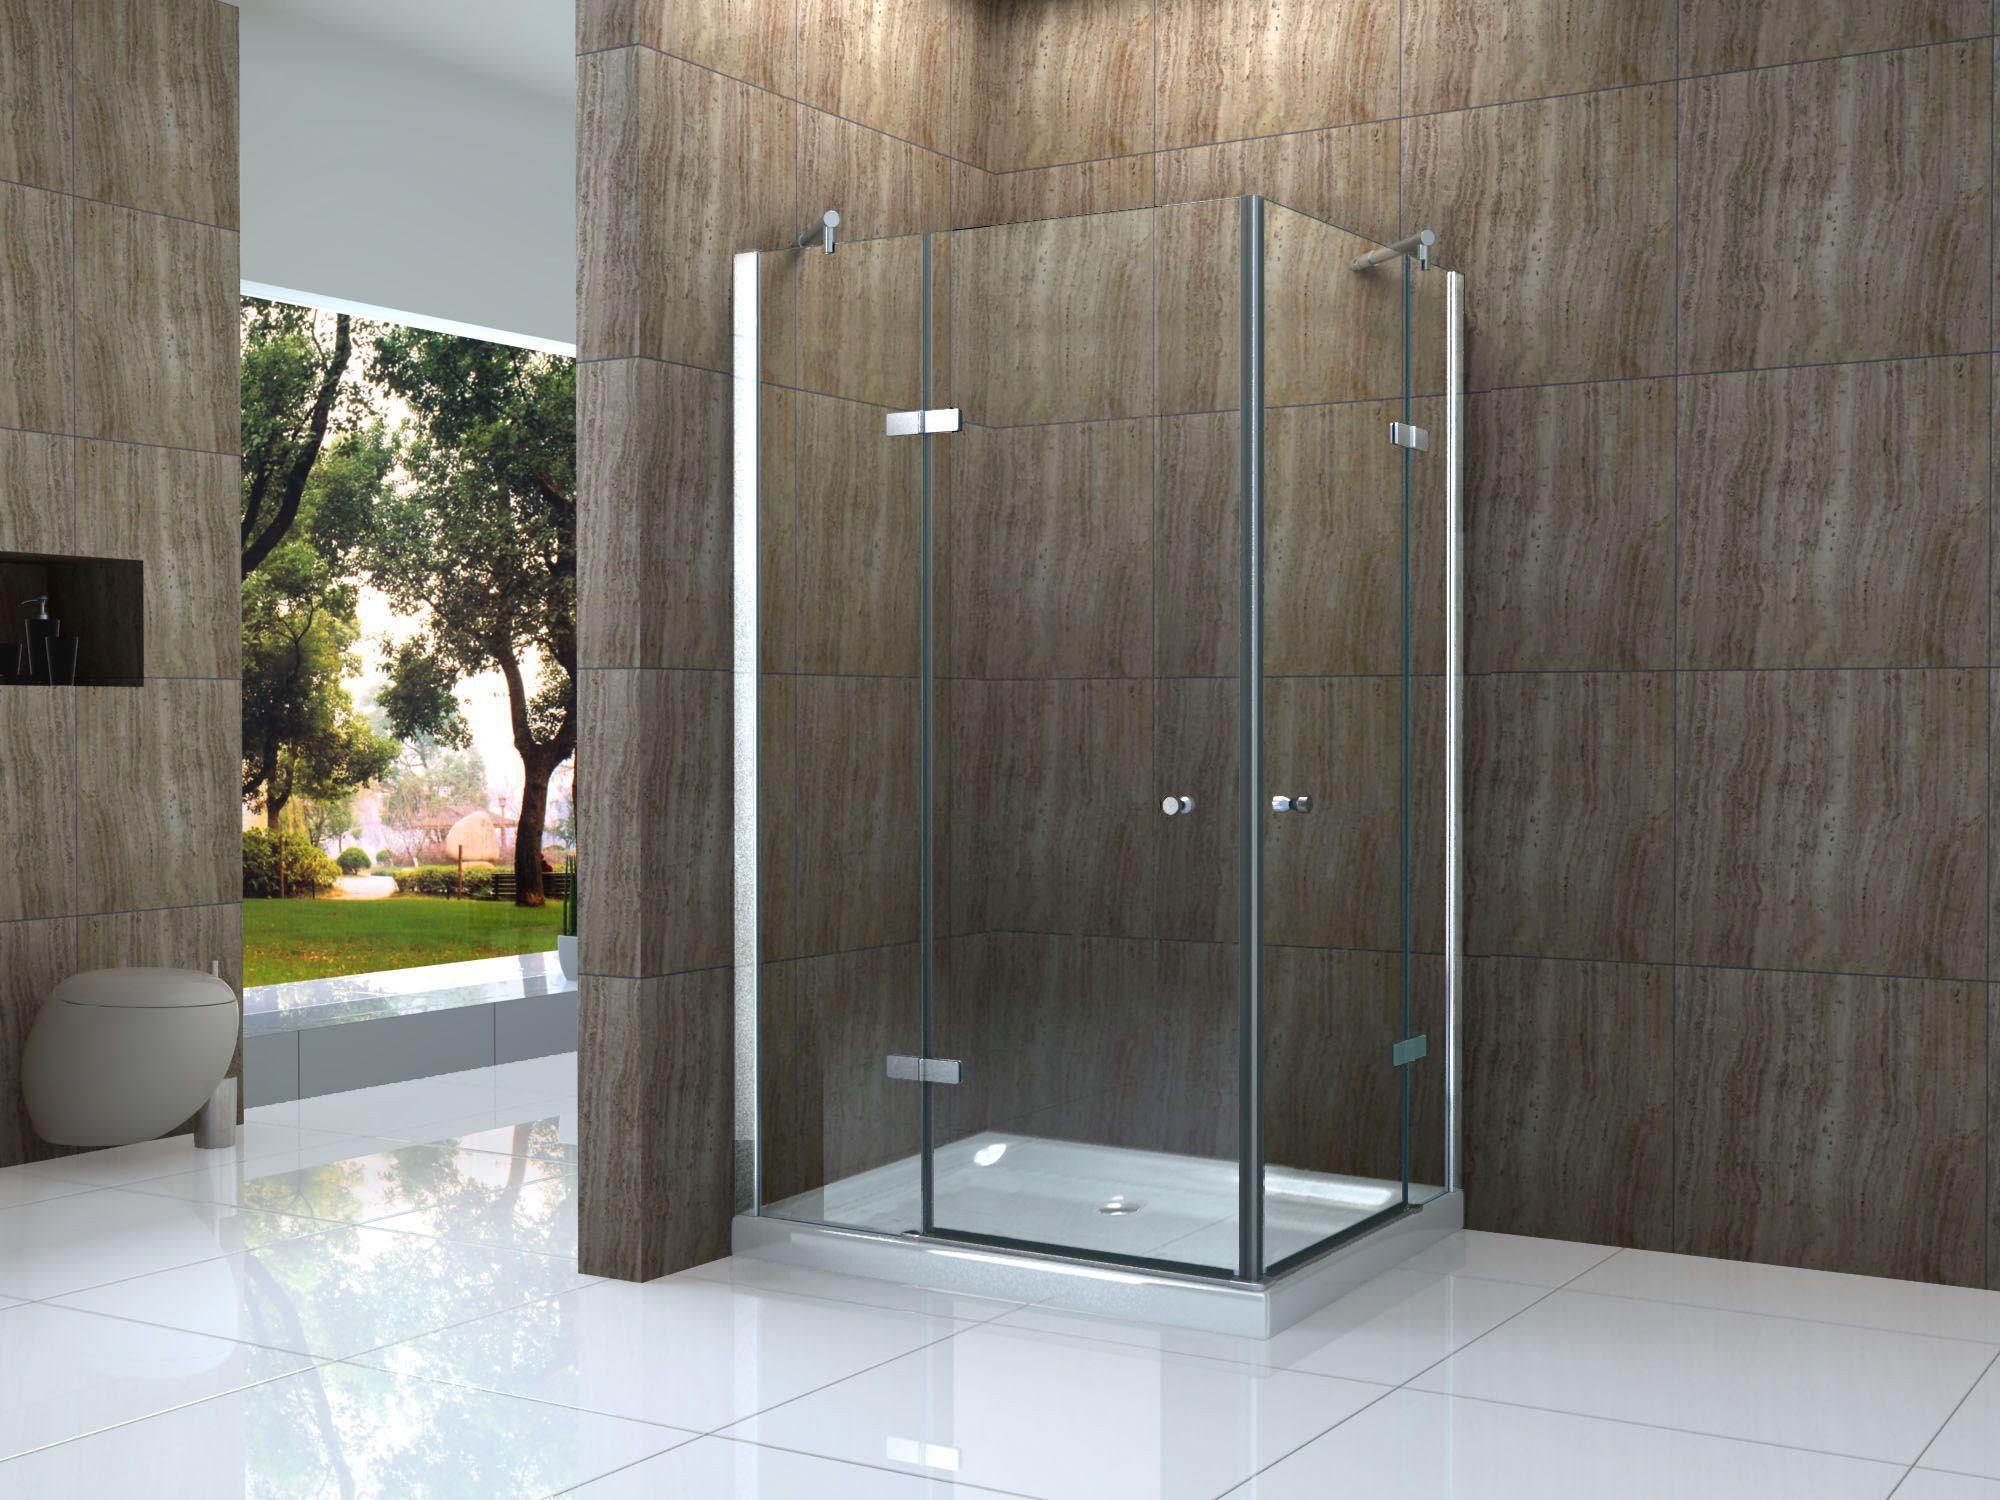 Unterschiedlich CANTO 120 x 90 cm Glas Dusche Duschkabine Duschwand  WT68